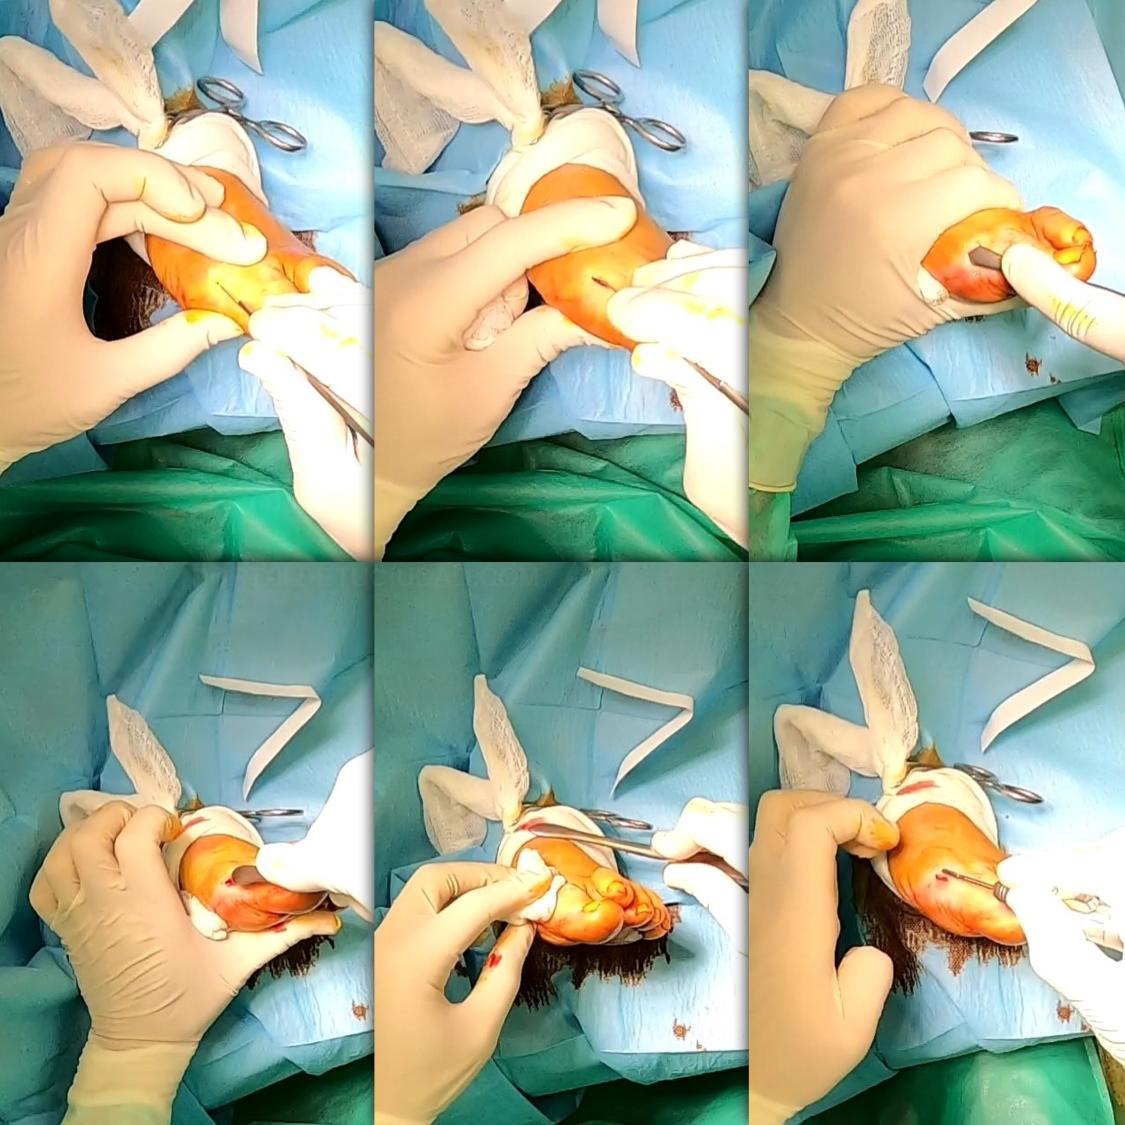 Cirugia de mínima incisión,cura del pie,tratamiento desmatologico del pie